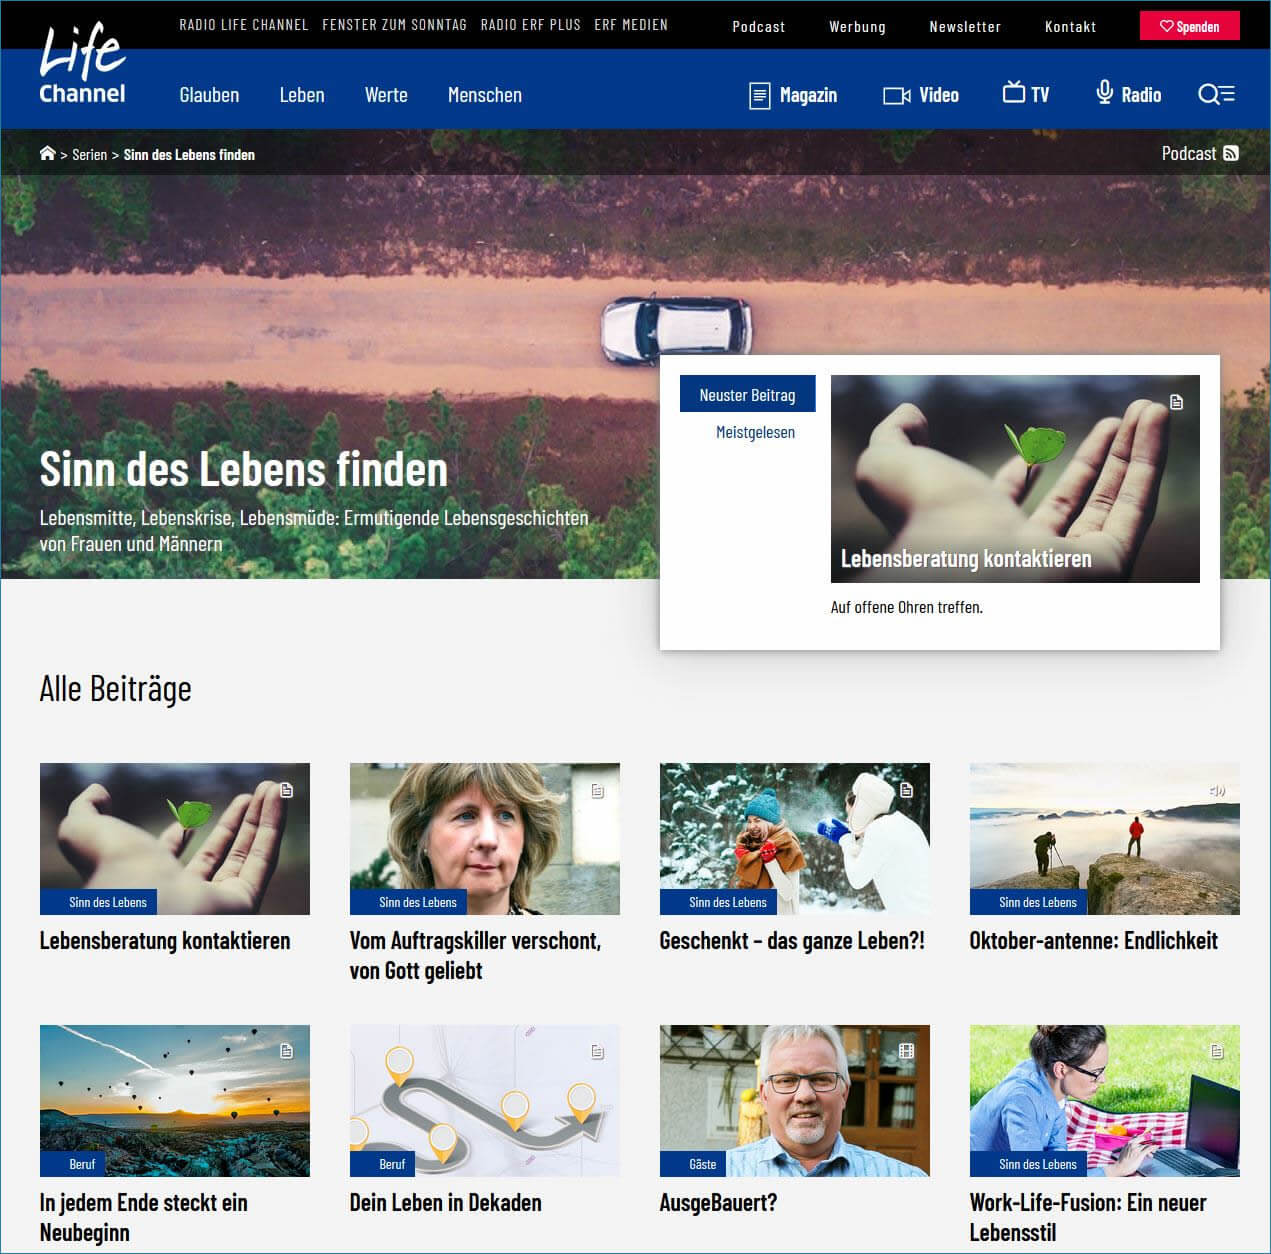 Mehr zum Thema Sinn des Lebens auf Lifechannel.ch erfahren